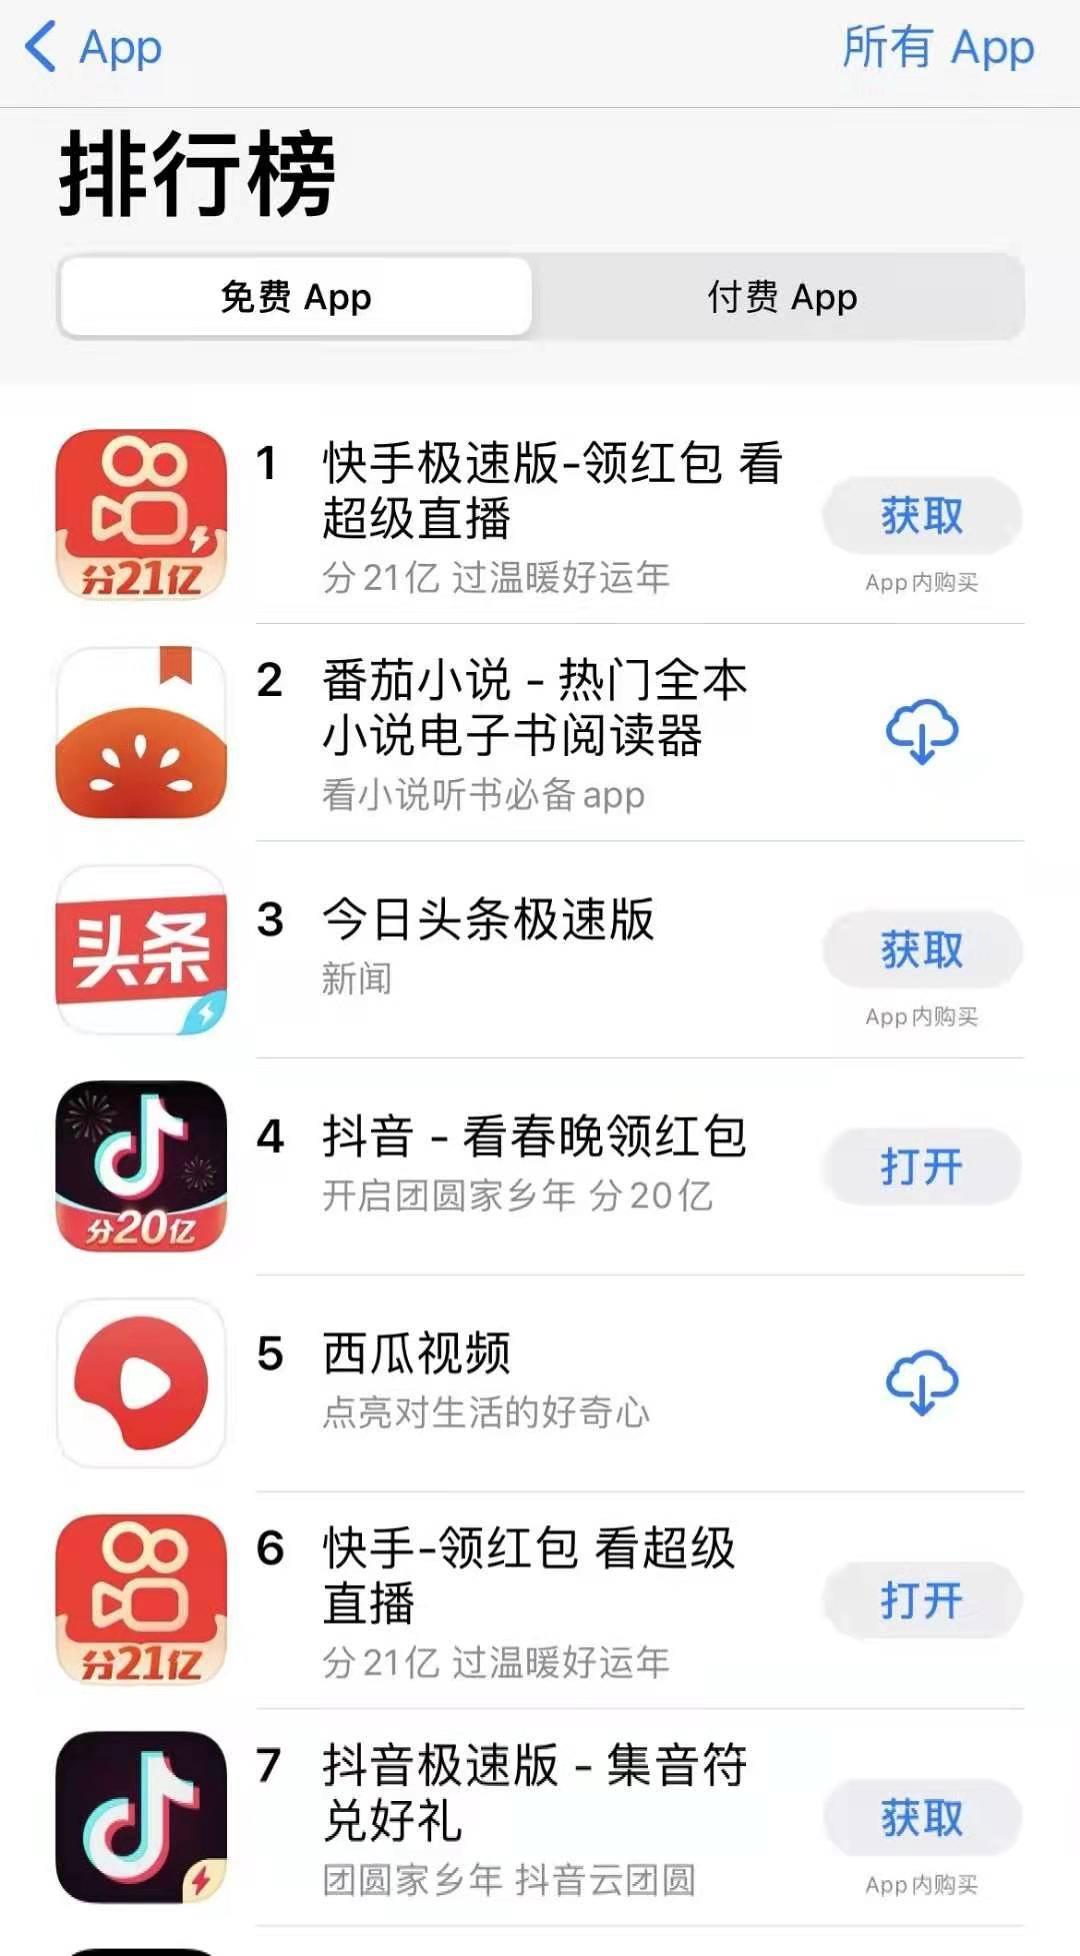 互联网平台春节红包大战,快手抖音除夕霸榜应用商店  第2张